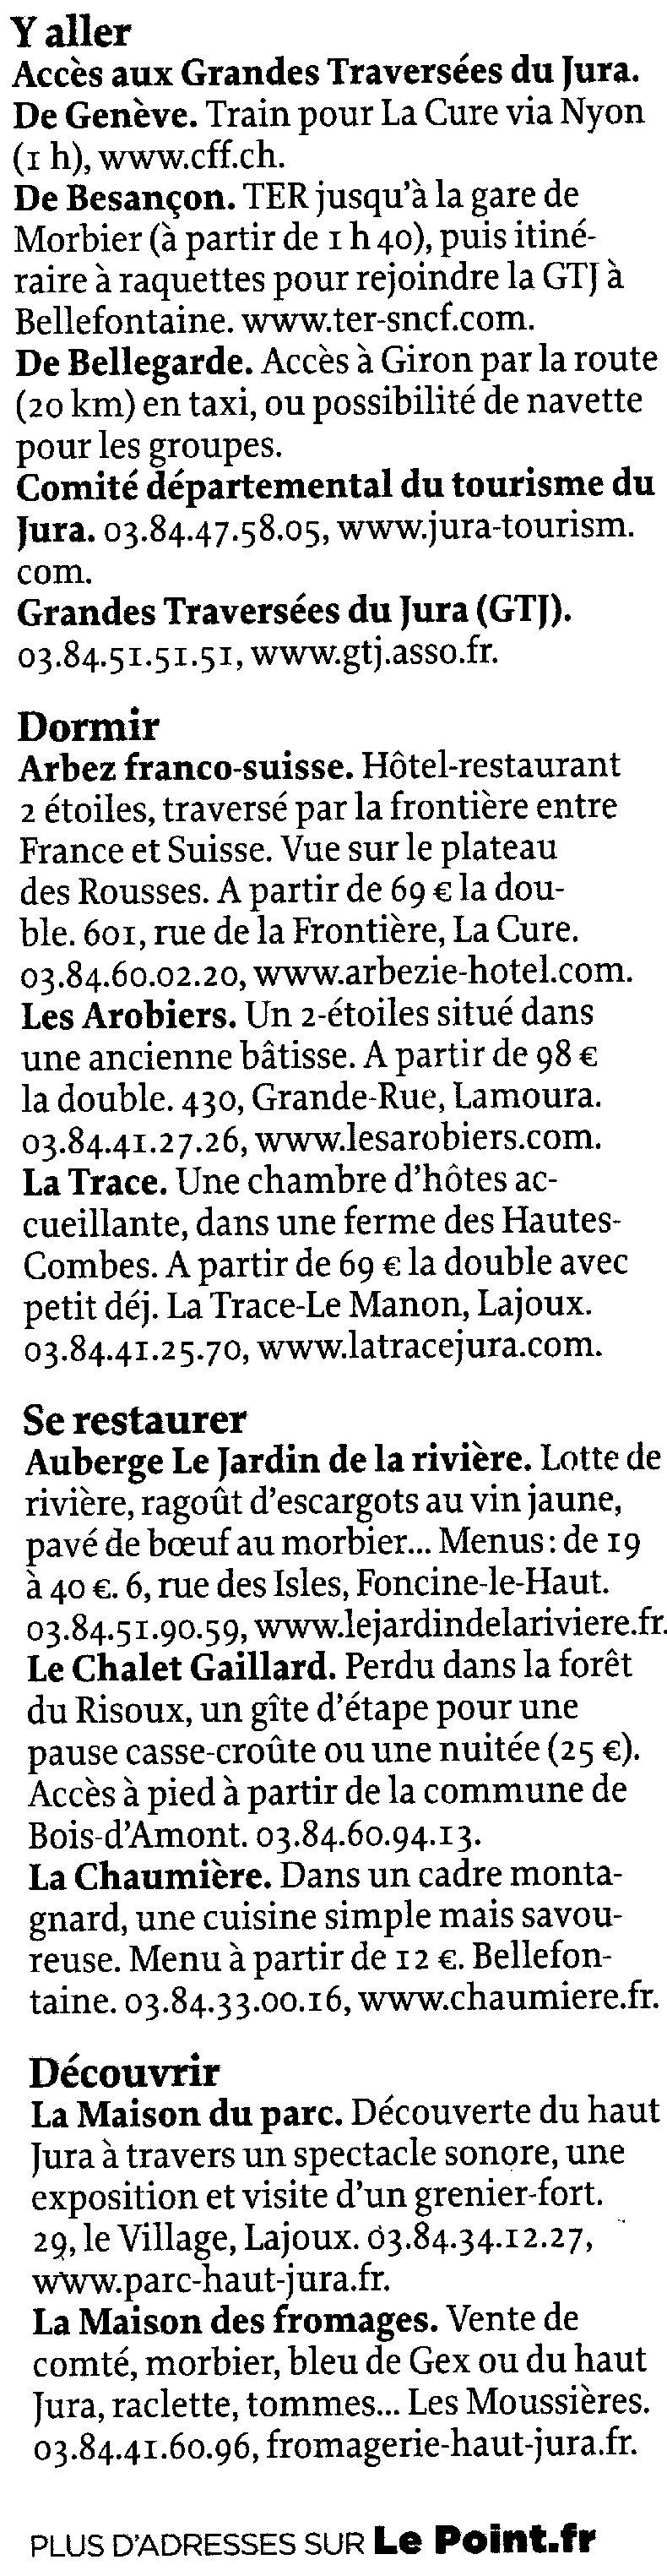 Le journal Le Point a un coup de foudre pour le Jura - 16 décembre 2010 0006